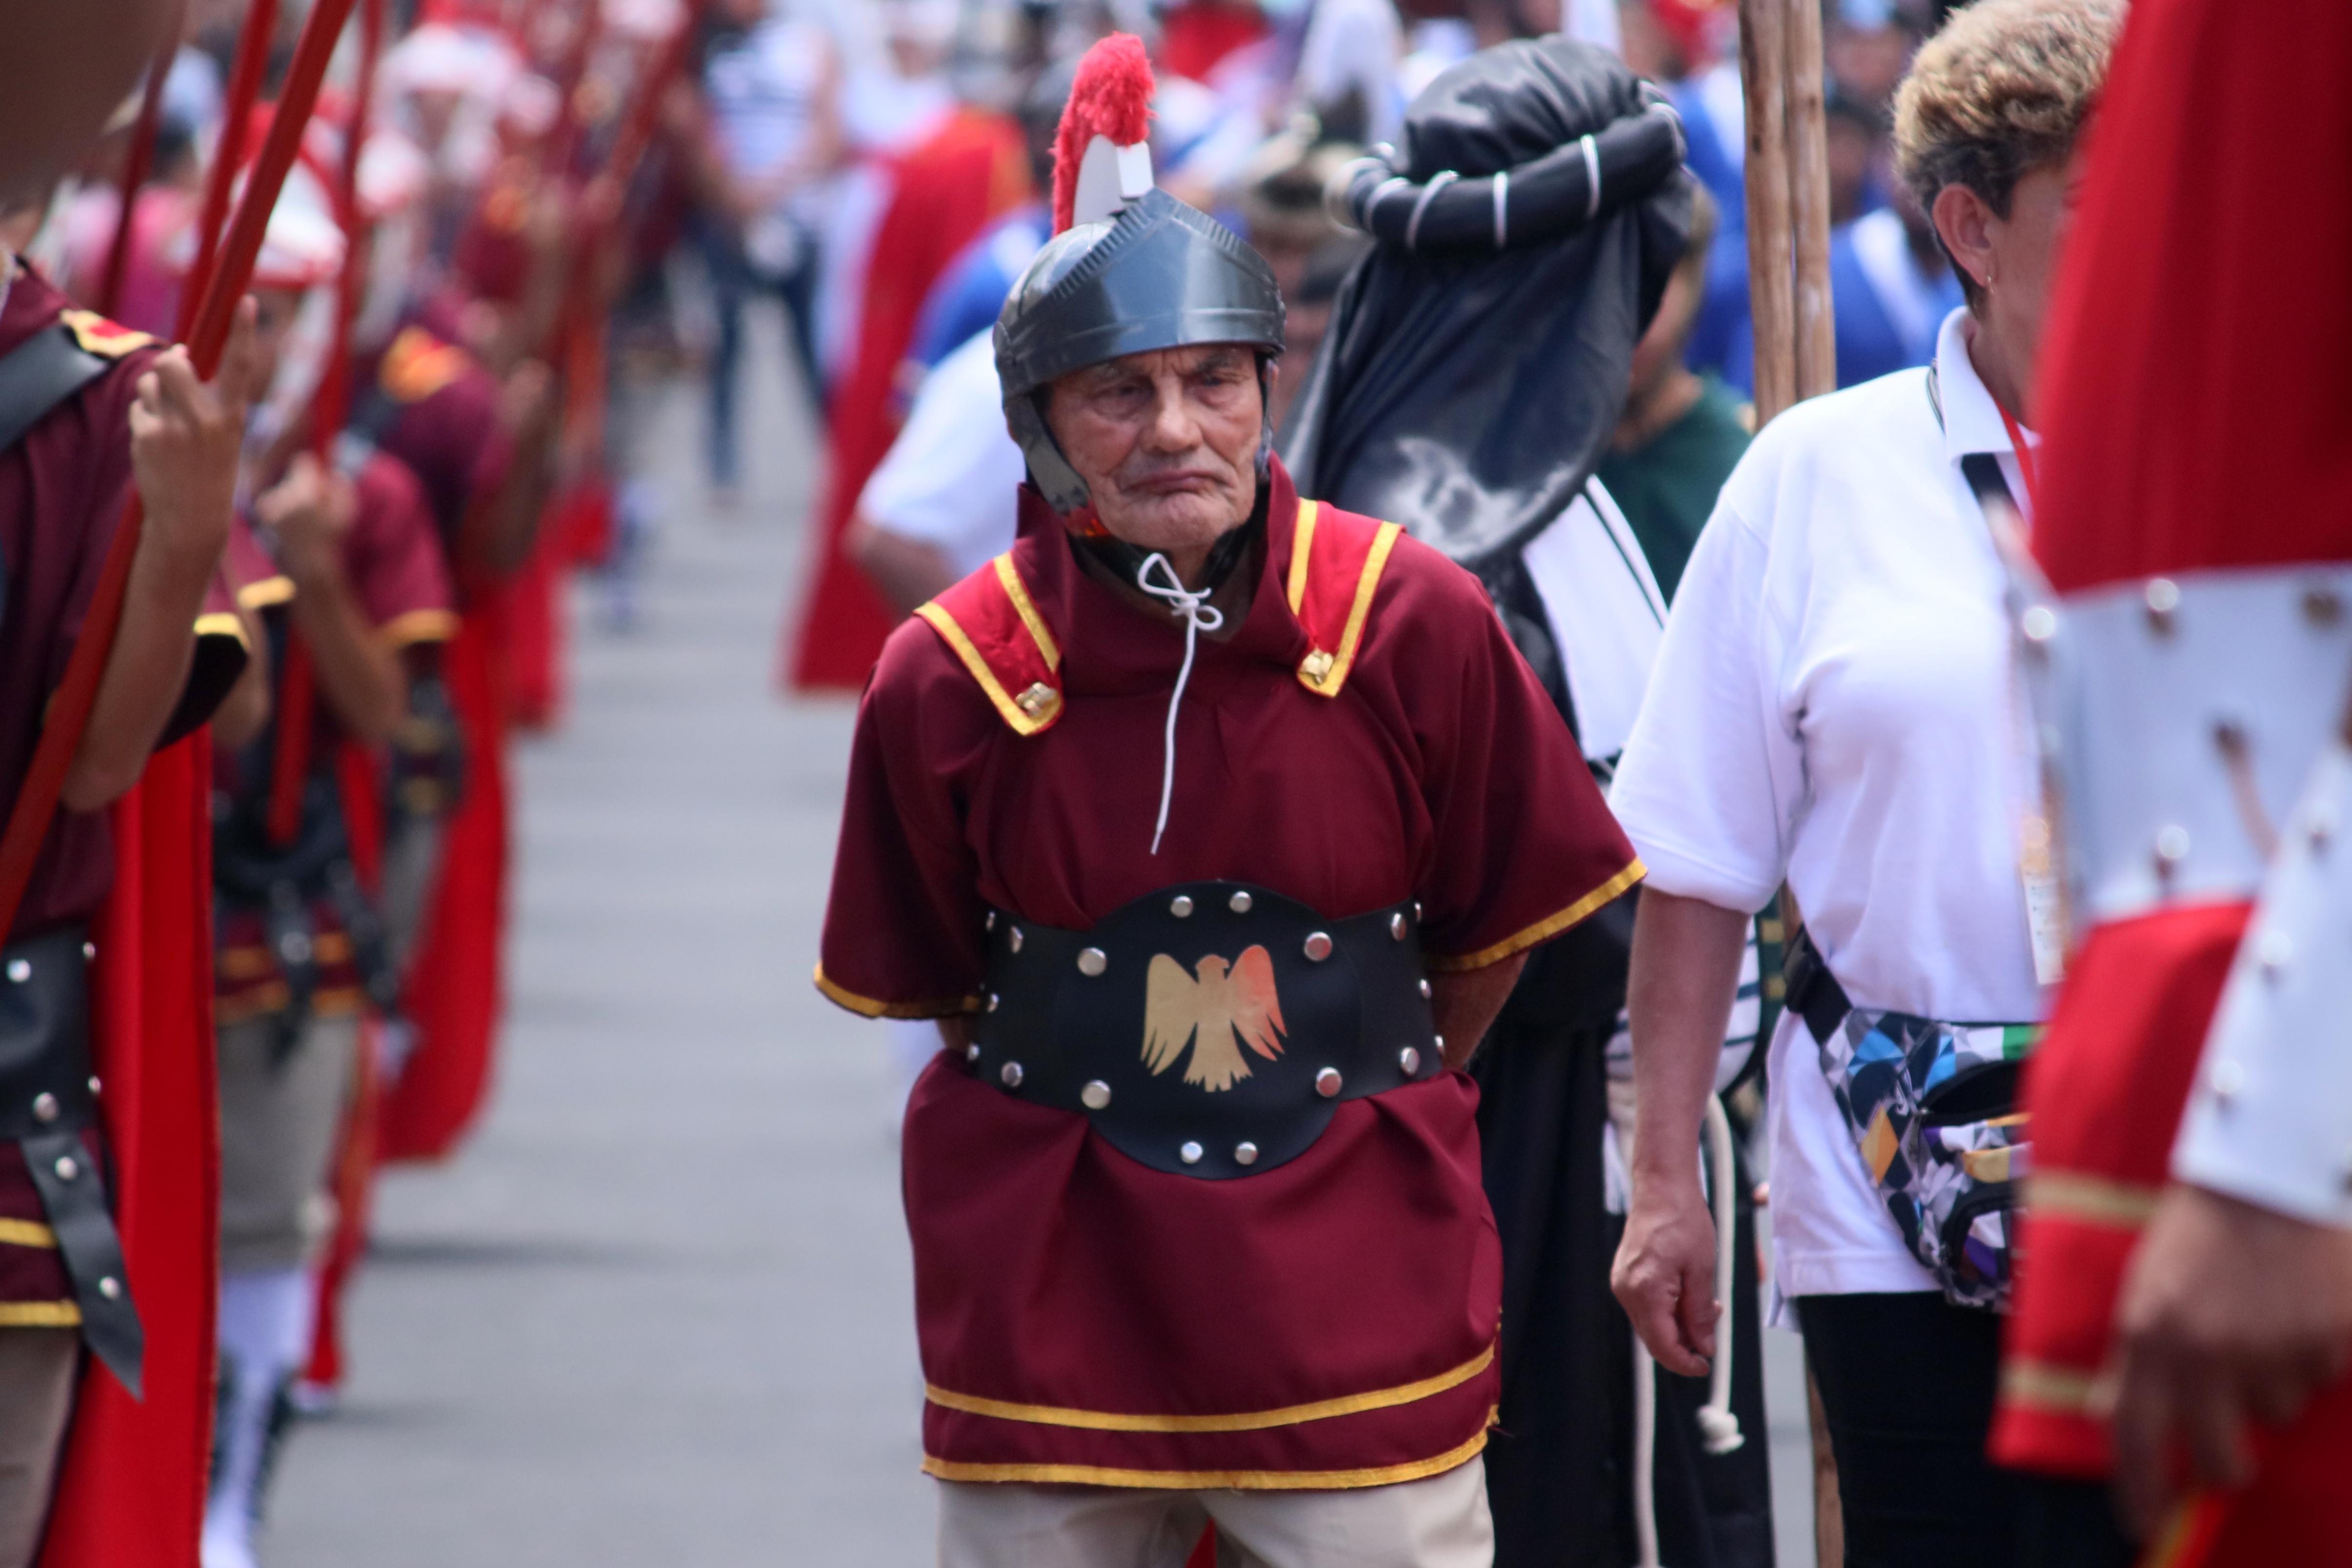 Holy Week processions in La Unión de Cartago, Costa Rica.